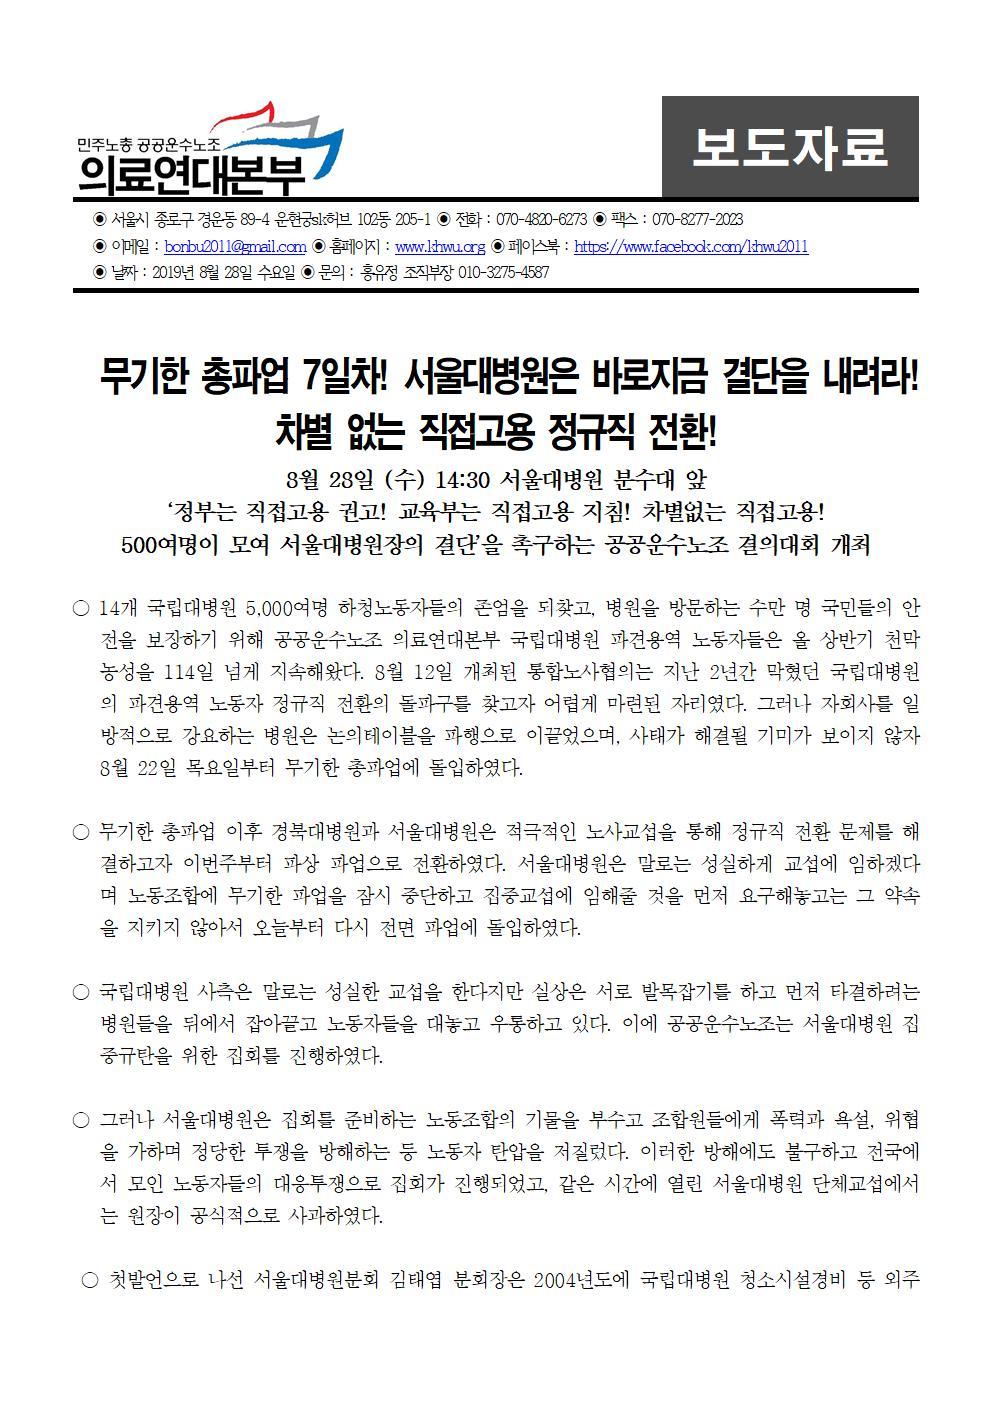 190829_[보도자료]서울대병원장결단촉구 공공운수노조결의대회001.jpg